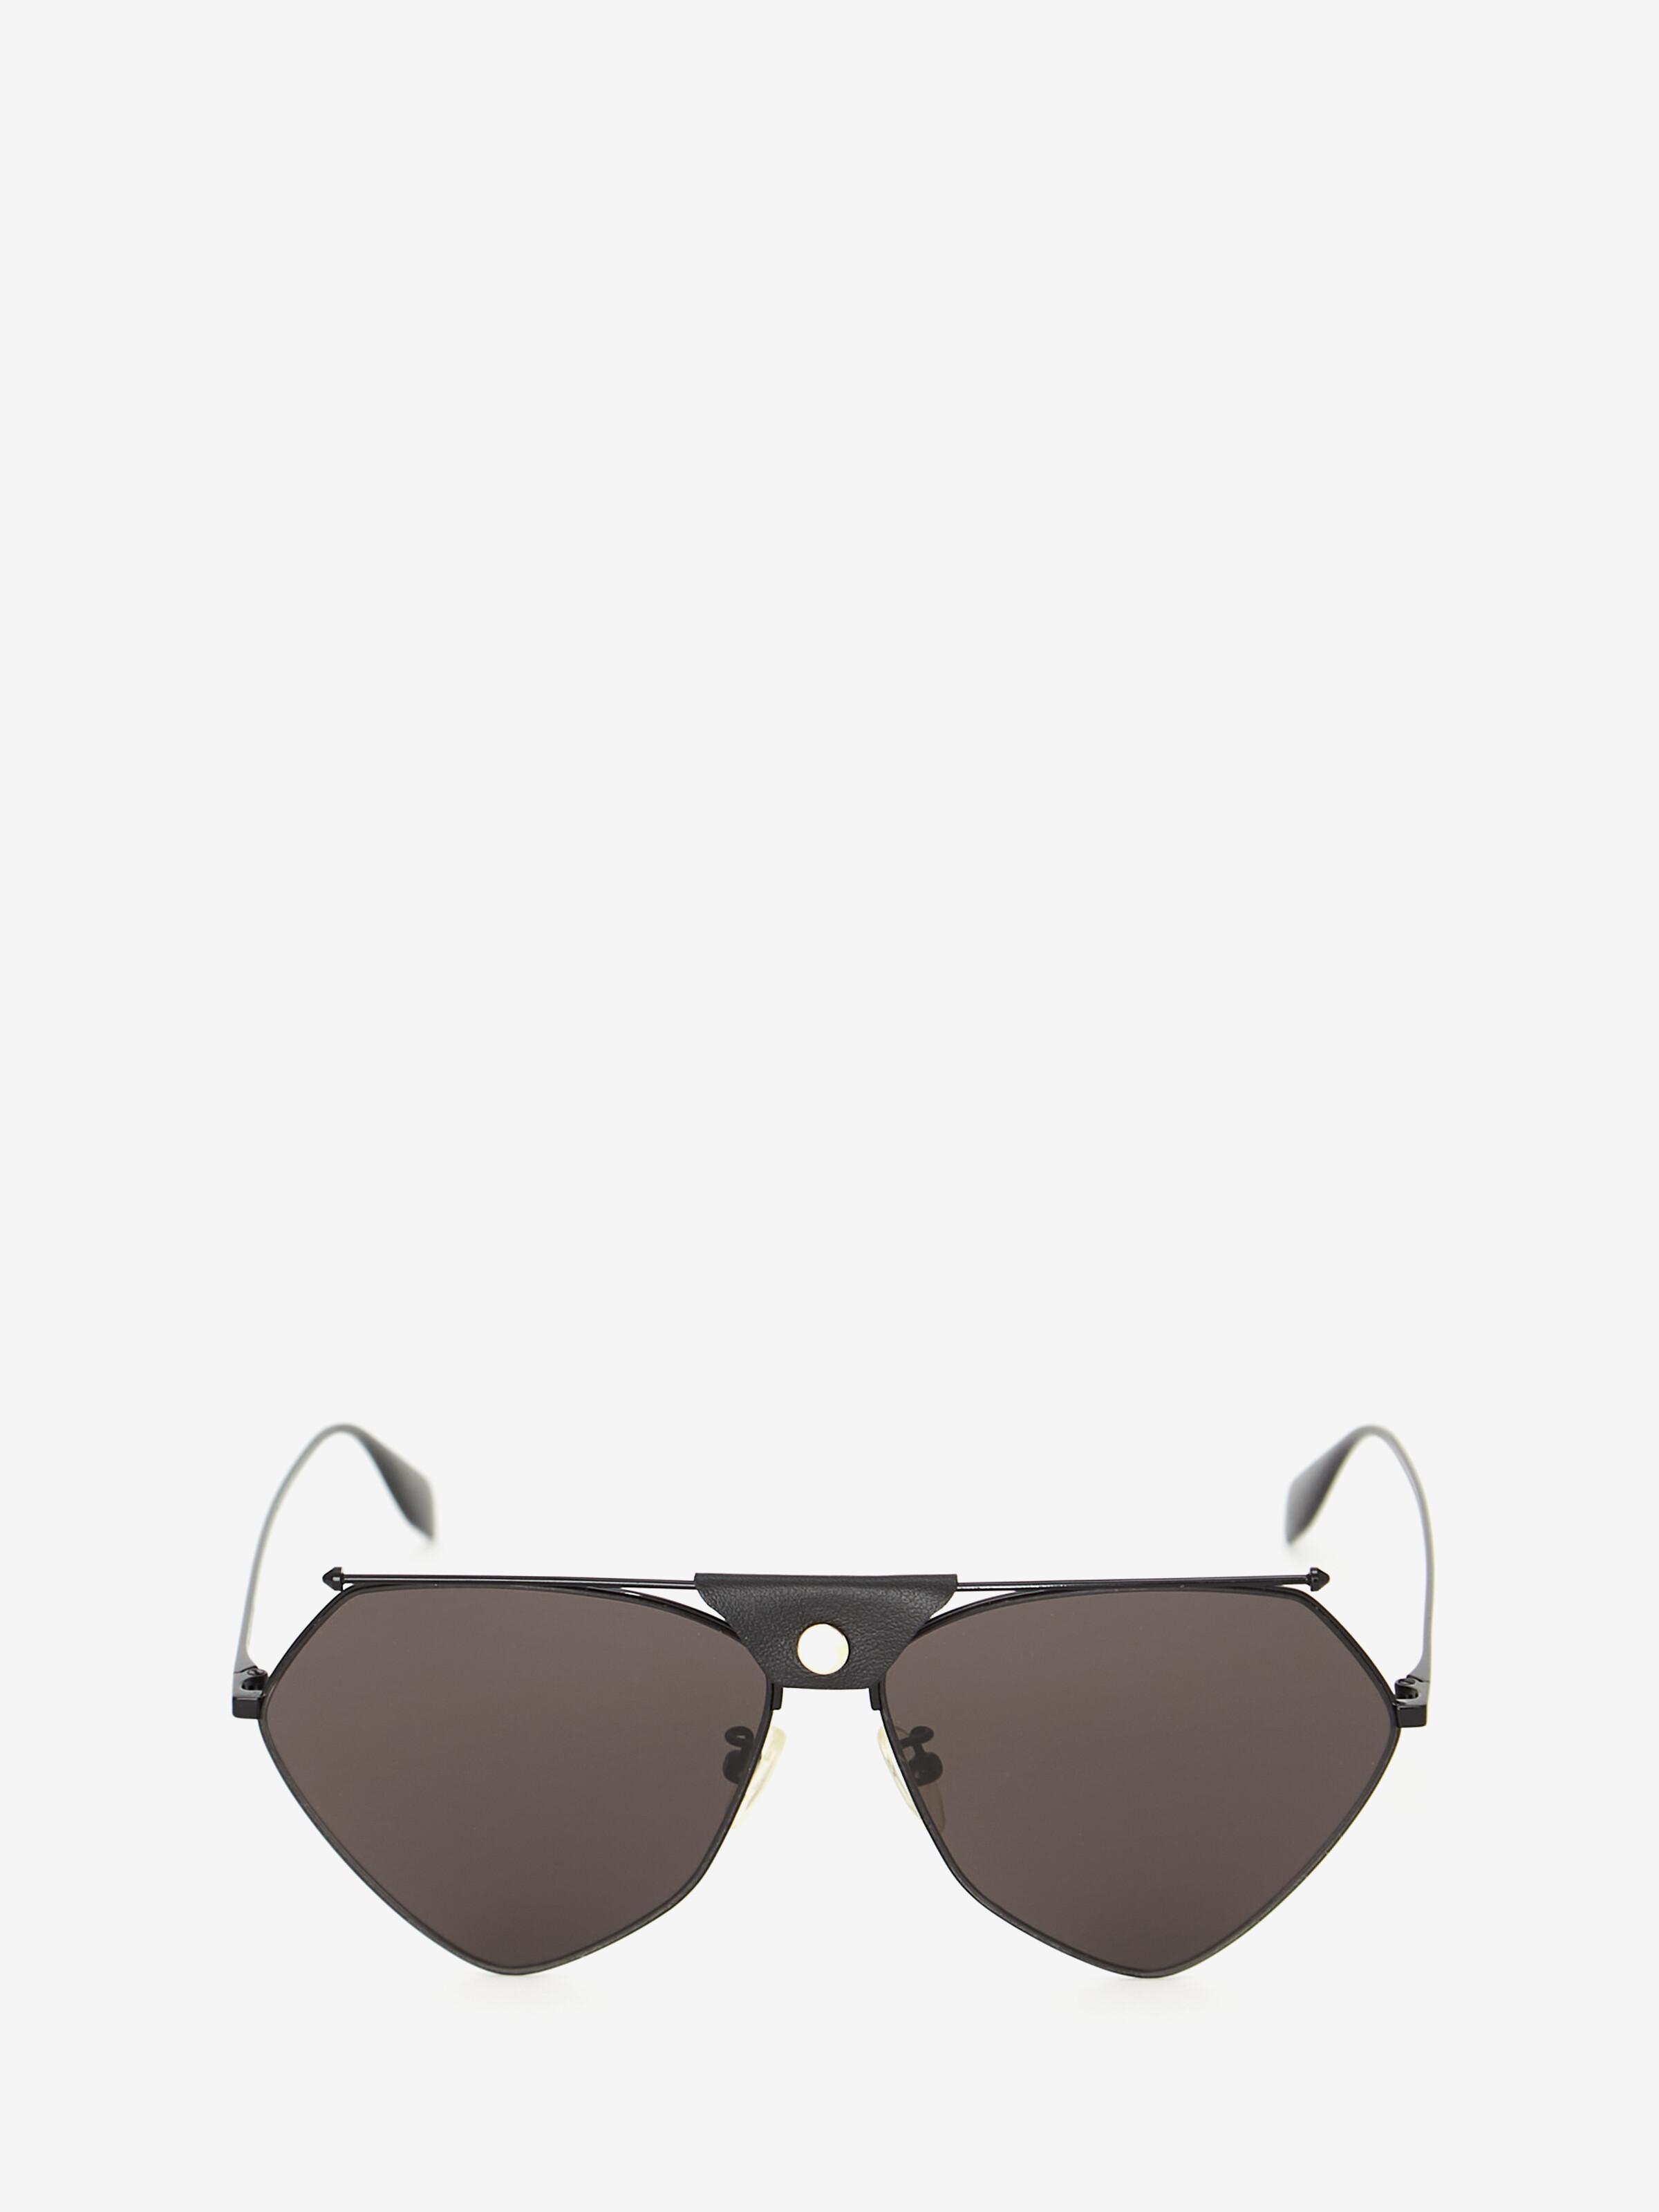 Alexander Mcqueen Top Piercing Sunglasses In Black/grey